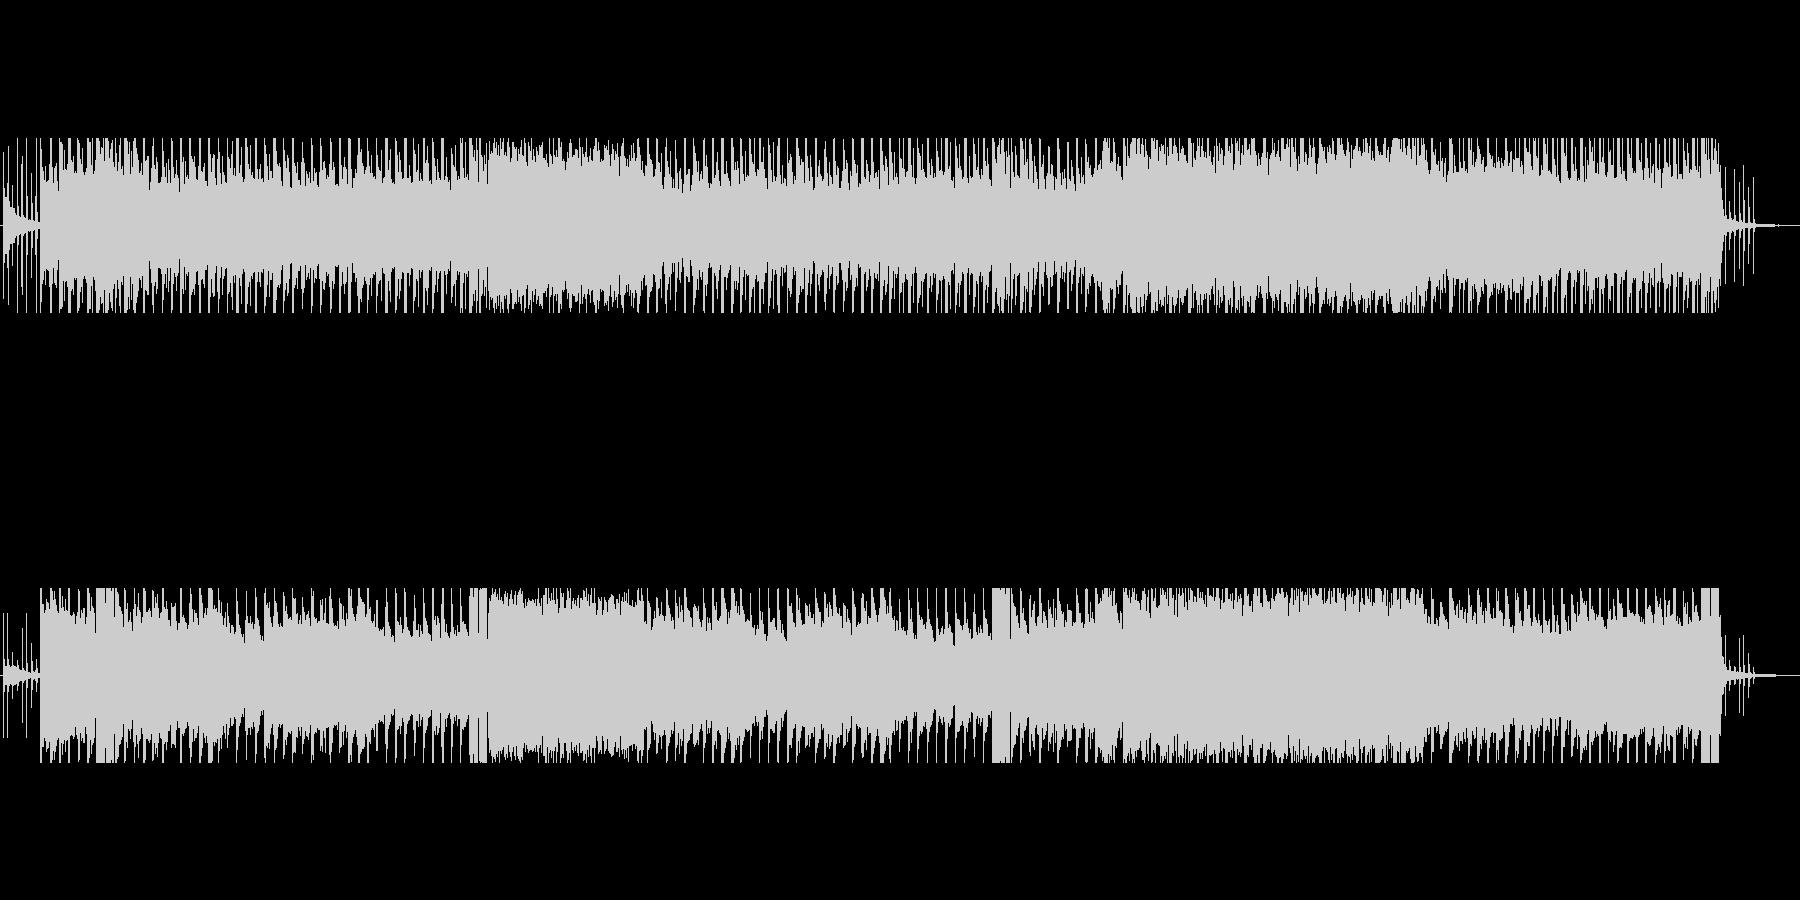 ダークファンタジーでスチームパンクな曲の未再生の波形